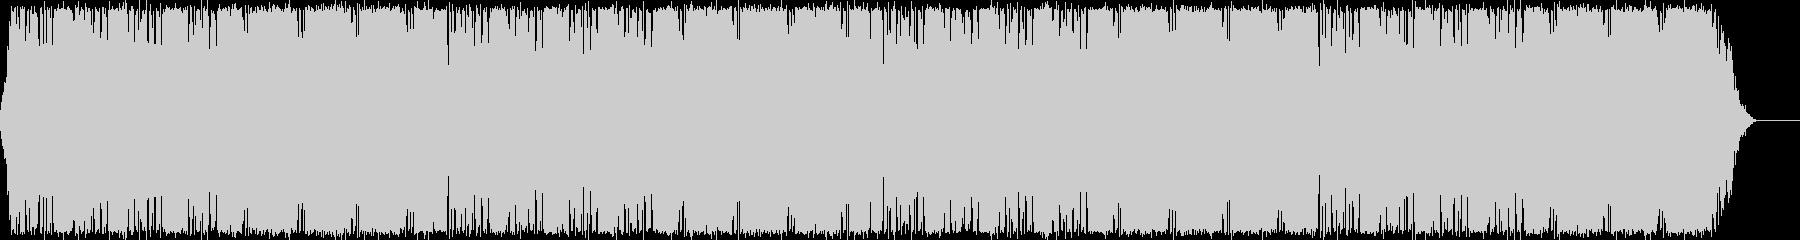 ビオラとチェロの爽やかなBGMの未再生の波形